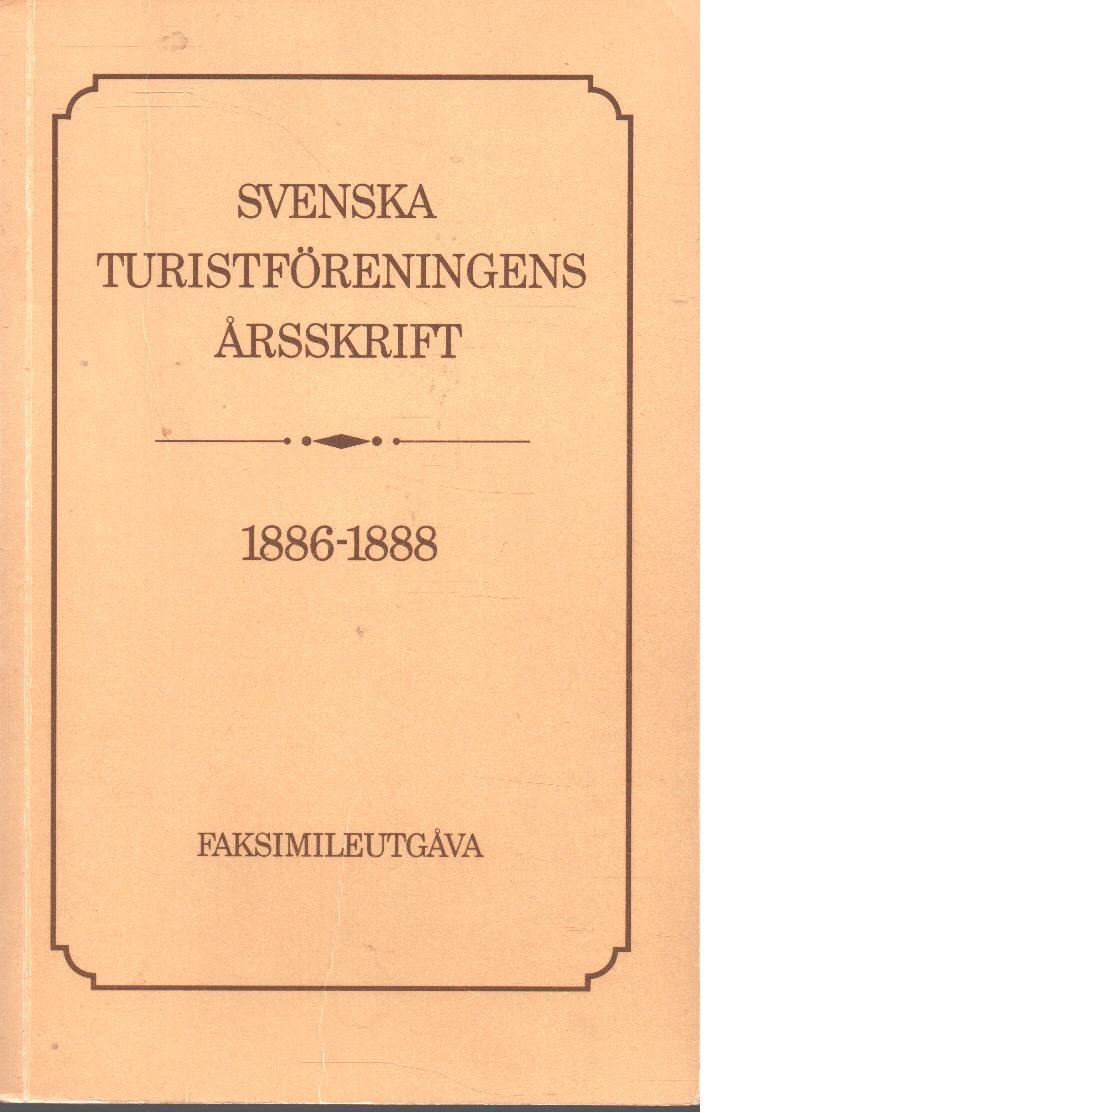 Svenska turistföreningens årsskrift. 1886-1888 - Red.